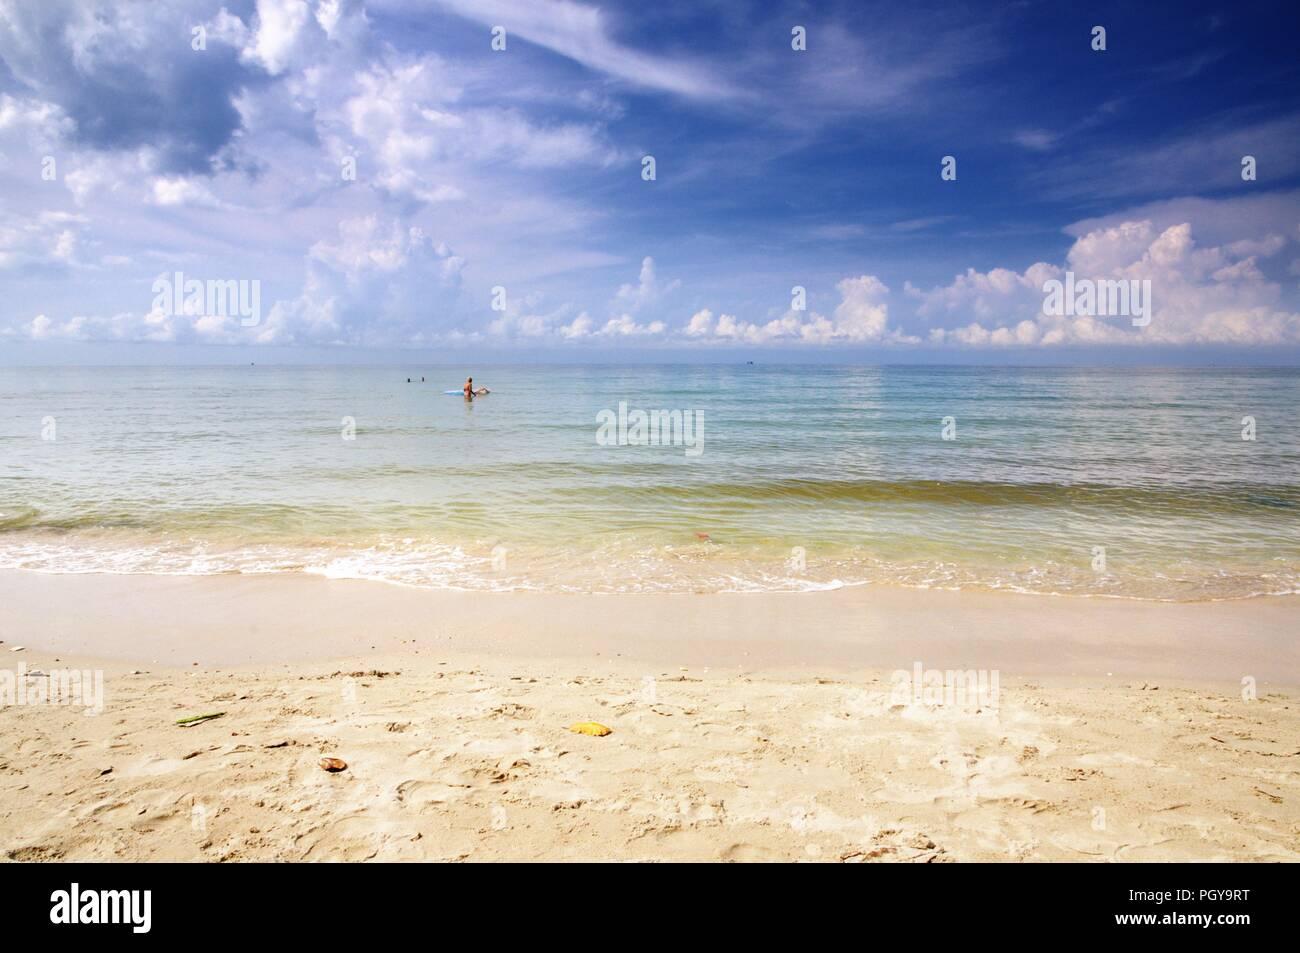 La plage de sable blanc. L'île de Koh Chang, Thaïlande. Photo Stock